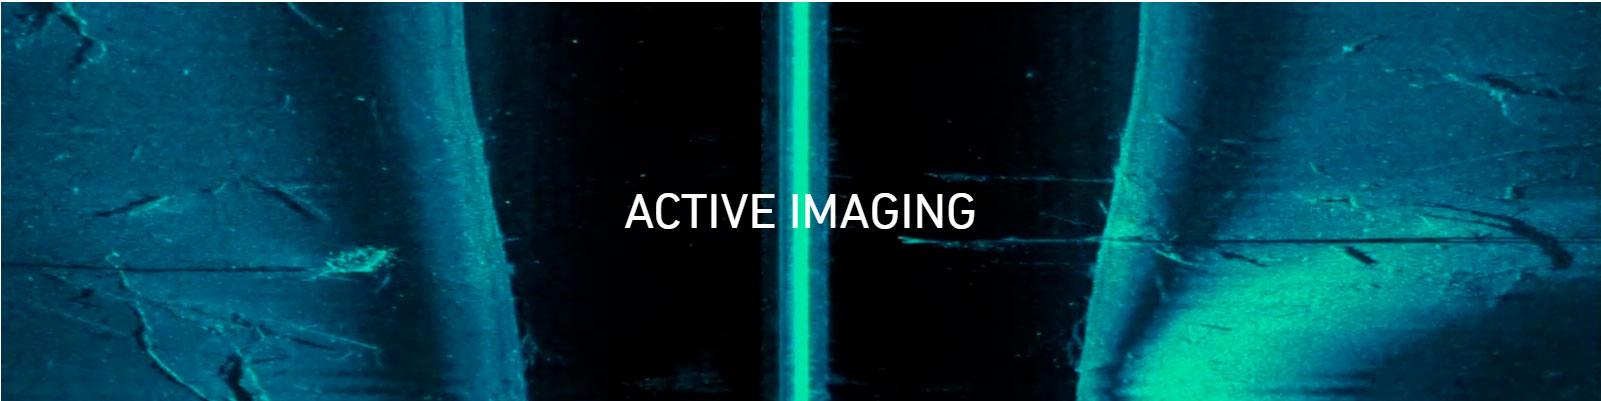 Переглядайте структуру та товщу води з неперевершеною деталізацією нового рівня у надширокому діапазоні завдяки технології Active Imaging 3-в-1 (CHIRP, SideScan та DownScan)